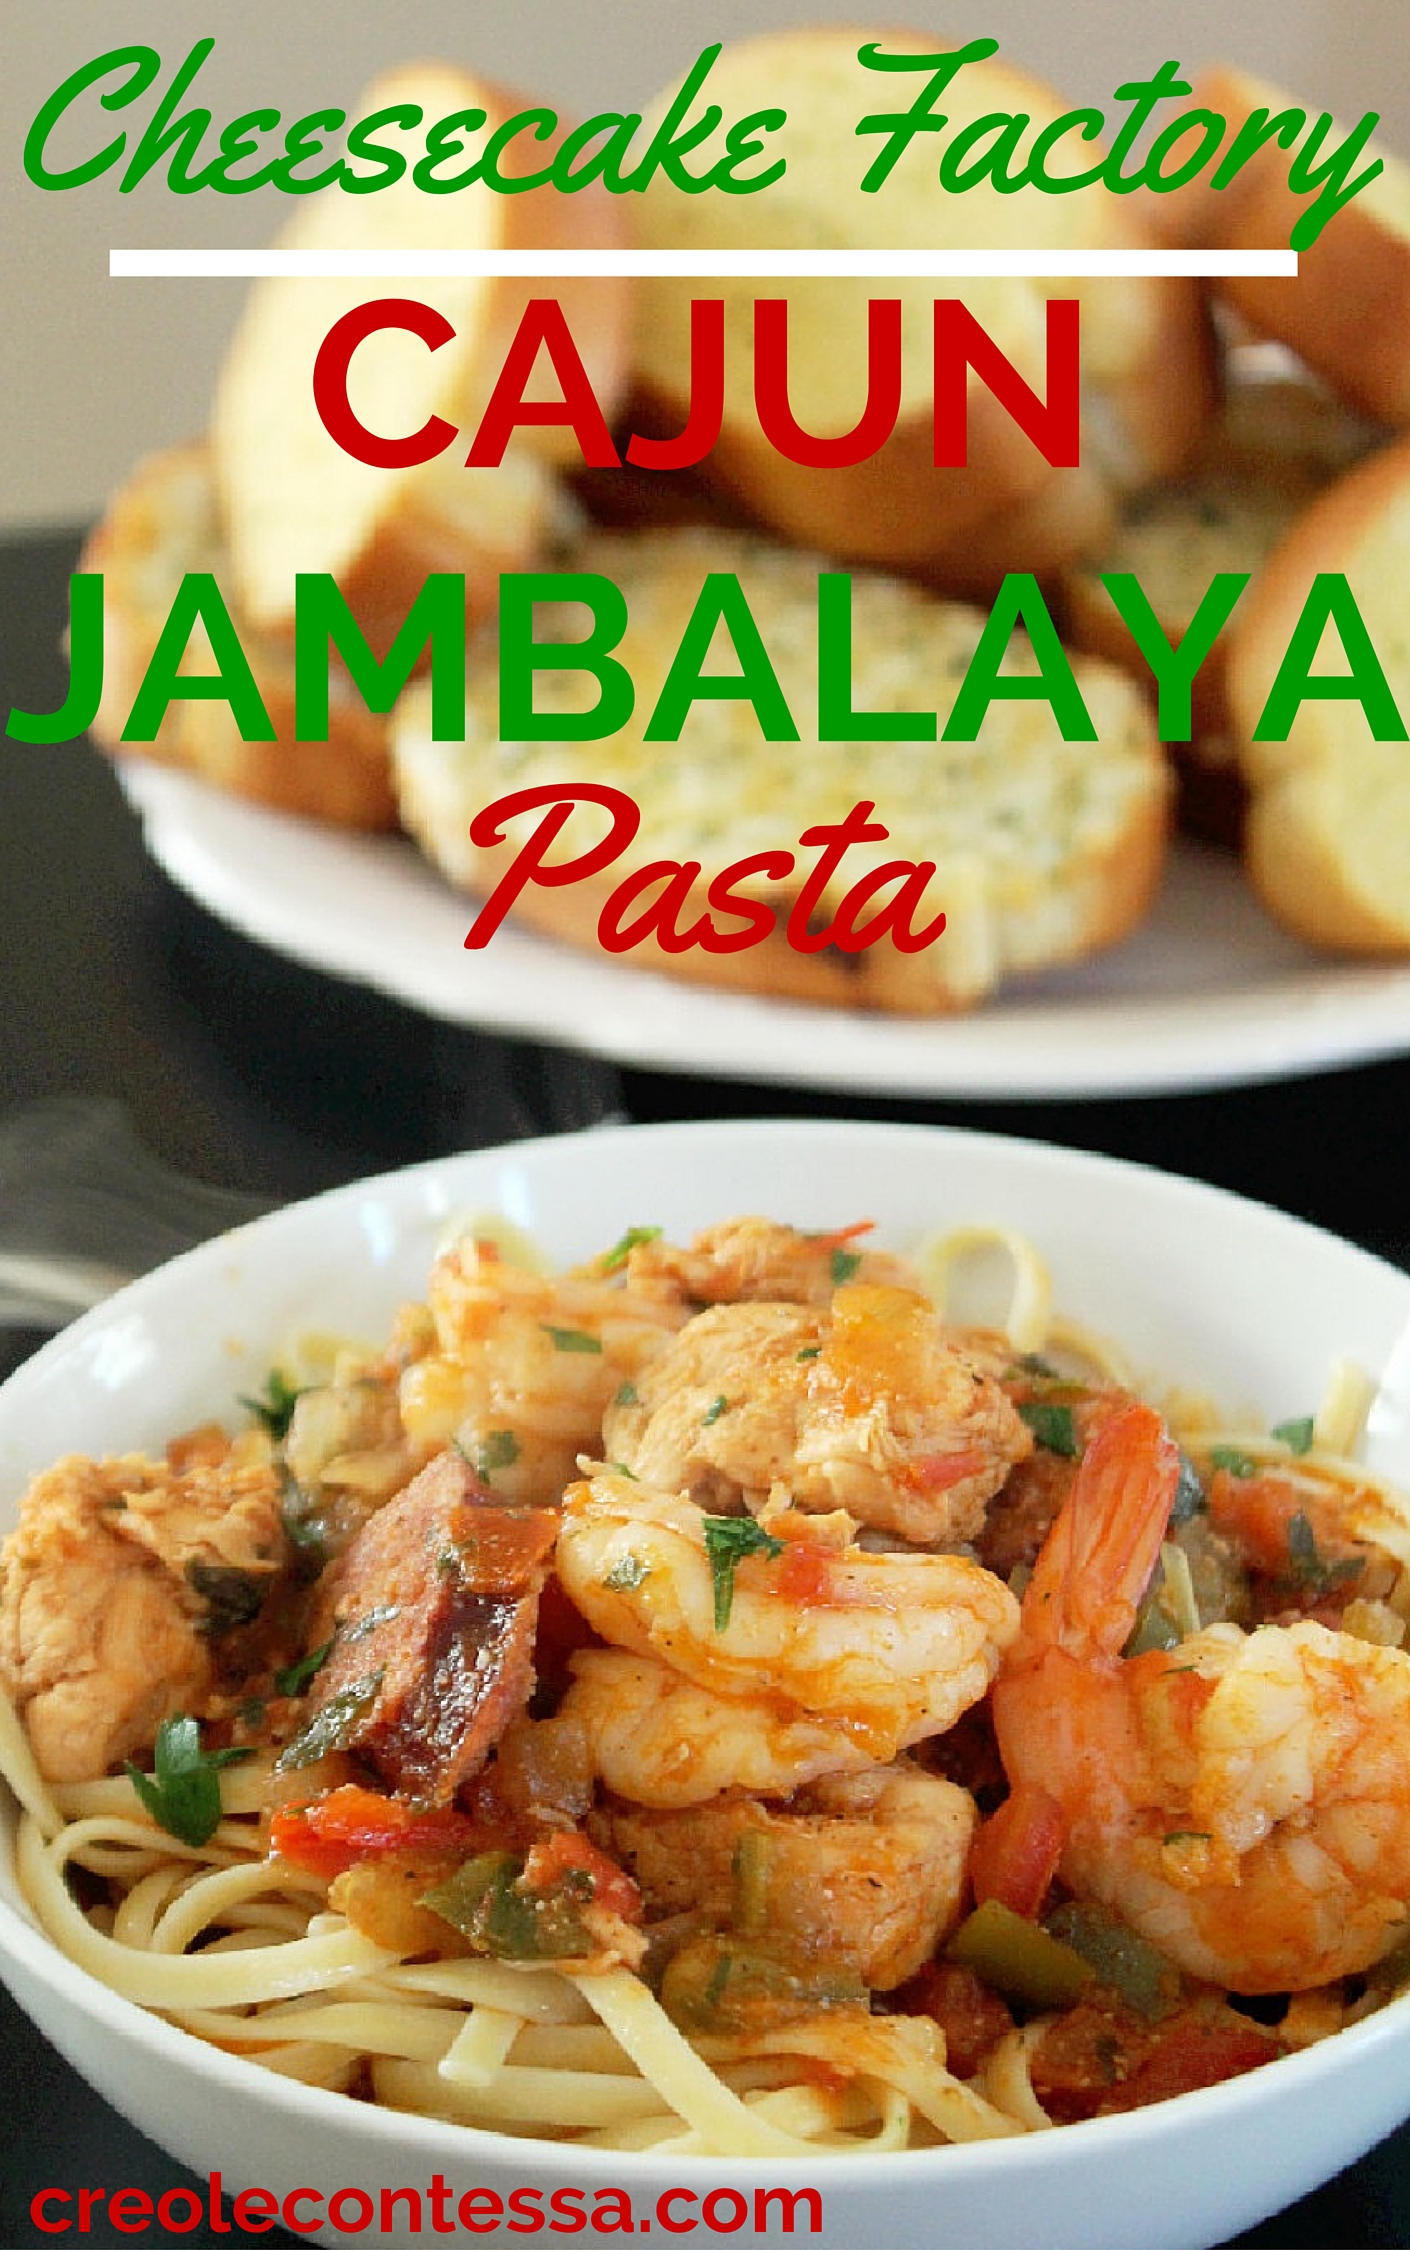 Cajun Jambalaya Pasta Cheesecake Factory Copycat-Creole Contessa